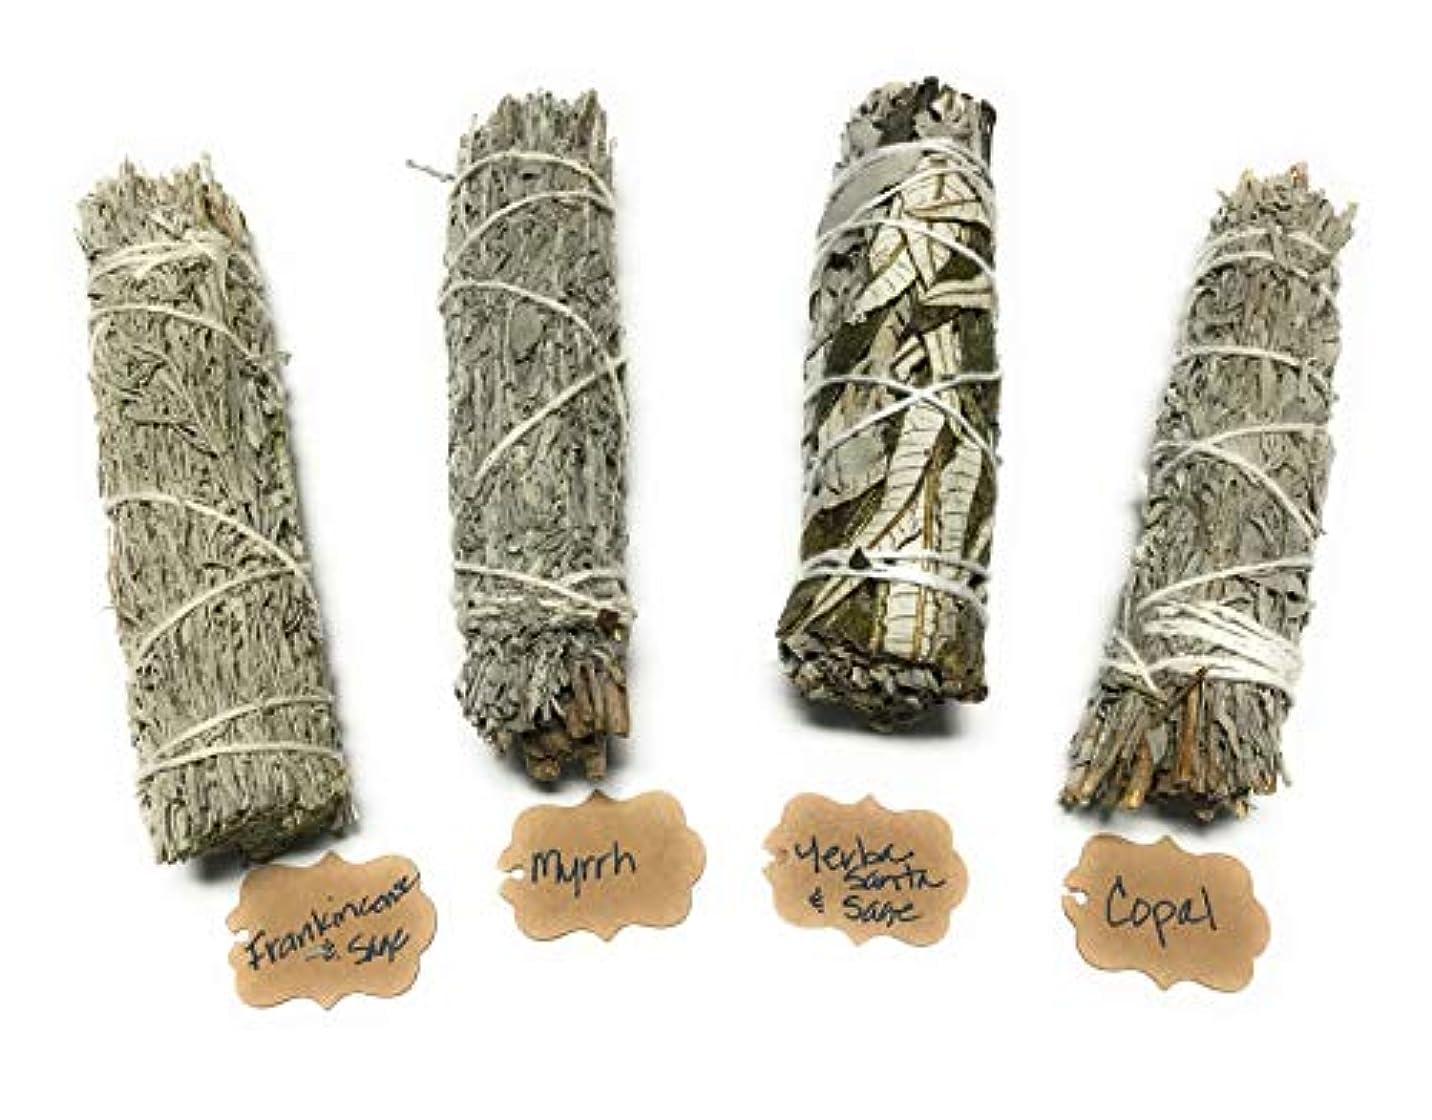 容赦ないハイジャック意外Arianna Willow Mystical バラエティスマッジスティック Copal、Frankincense、Myrrh、Yerba Santaを含む